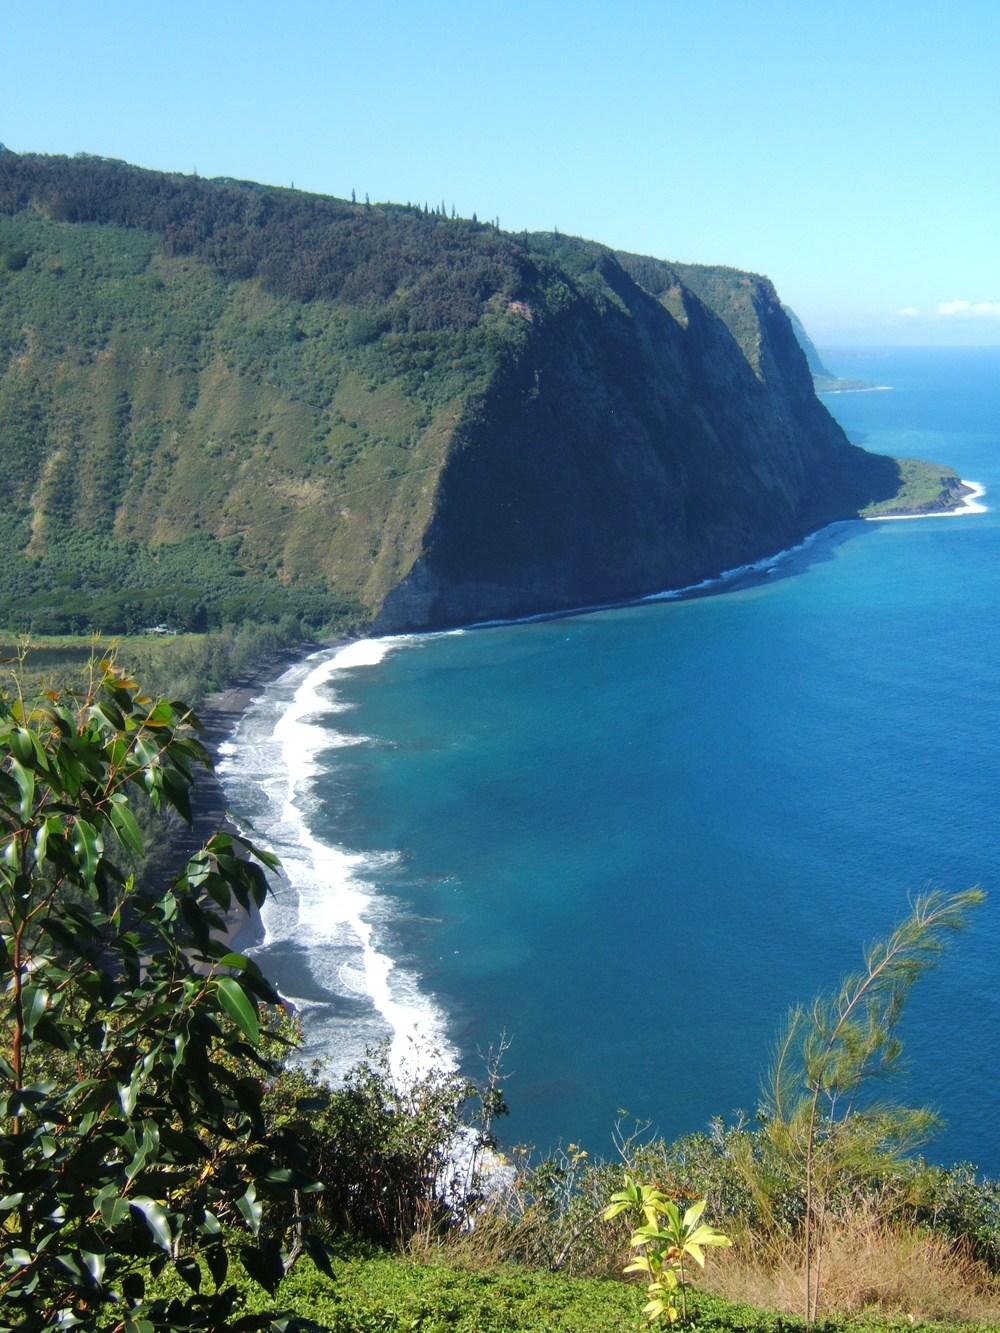 Waipi ʻ o Valley, Hawaiʻi. 2006.